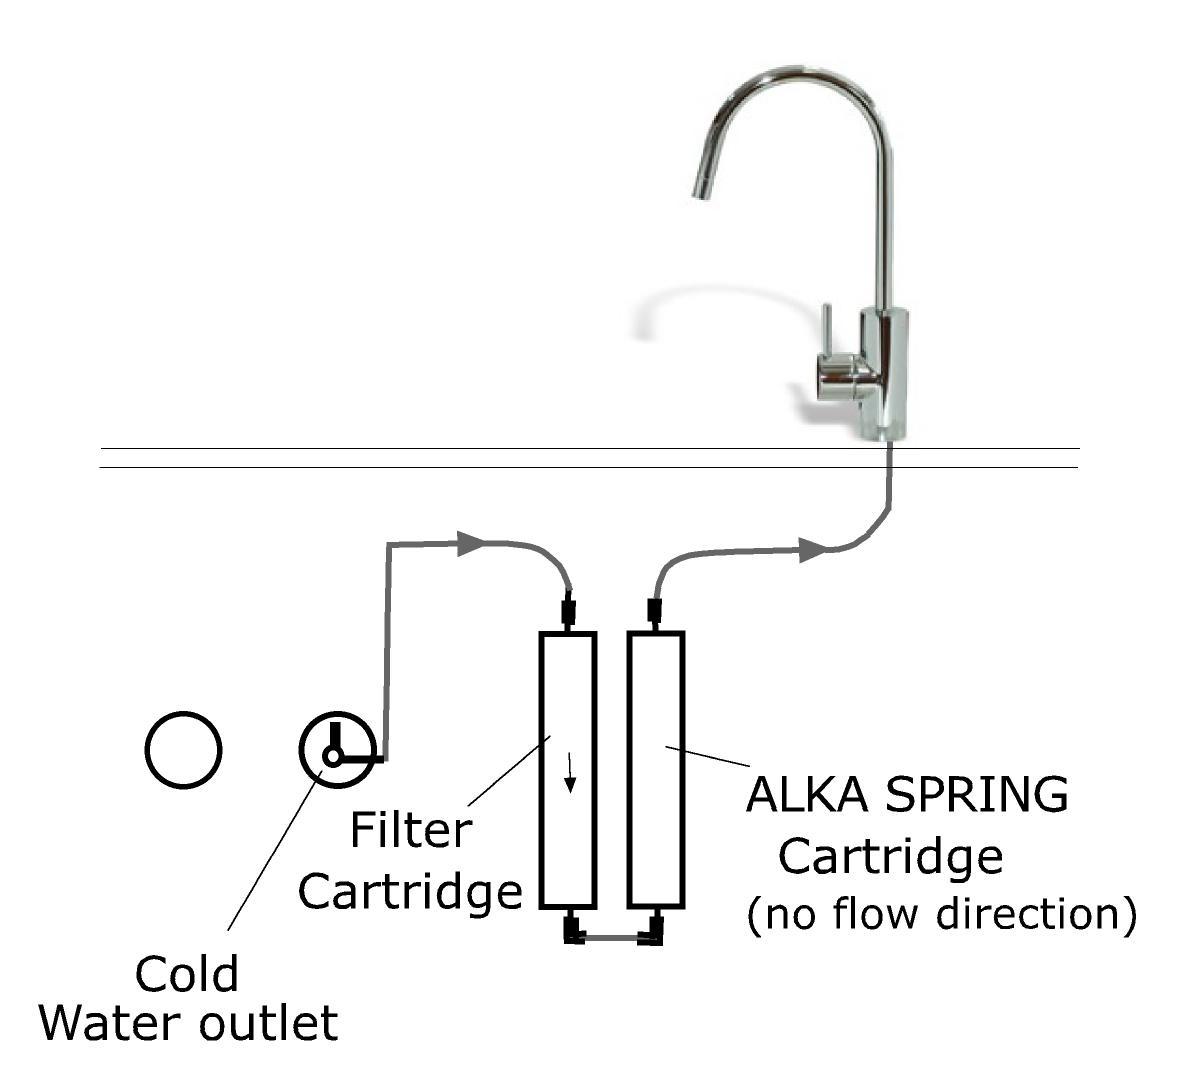 alka-spring-filter-diagram.jpg